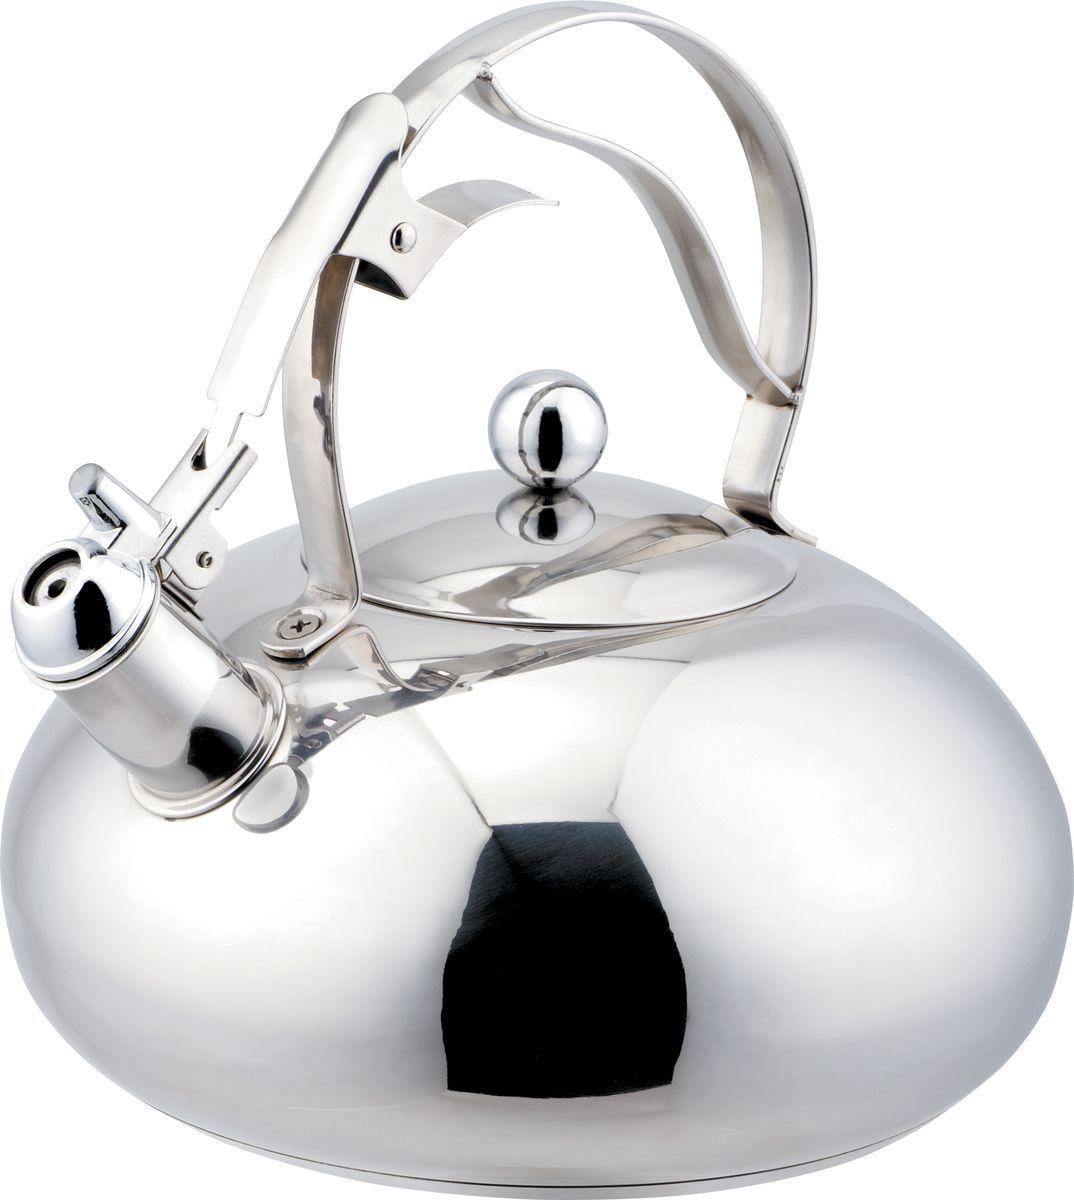 Чайник Bekker Koch, со свистком, 3 л. BK-S433BK-S433Чайник Bekker Koch изготовлен из высококачественной нержавеющей стали с зеркальной полировкой. Цельнометаллическое дно распределяет тепло по всей поверхности, что позволяет чайнику быстро закипать. Эргономичная фиксированная ручка выполнена из нержавеющей стали. Широкое отверстие по верхнему краю позволяет удобно наливать воду. Свисток открывается и закрывается нажатием кнопки на рукоятке. Подходит для всех типов плит, включая индукционные. Можно мыть в посудомоечной машине. Диаметр (по верхнему краю): 11 см. Диаметр основания: 18 см. Толщина стенки: 0,65 мм. Высота чайника (без учета ручки): 10 см. Высота чайника (с учетом ручки): 22 см.